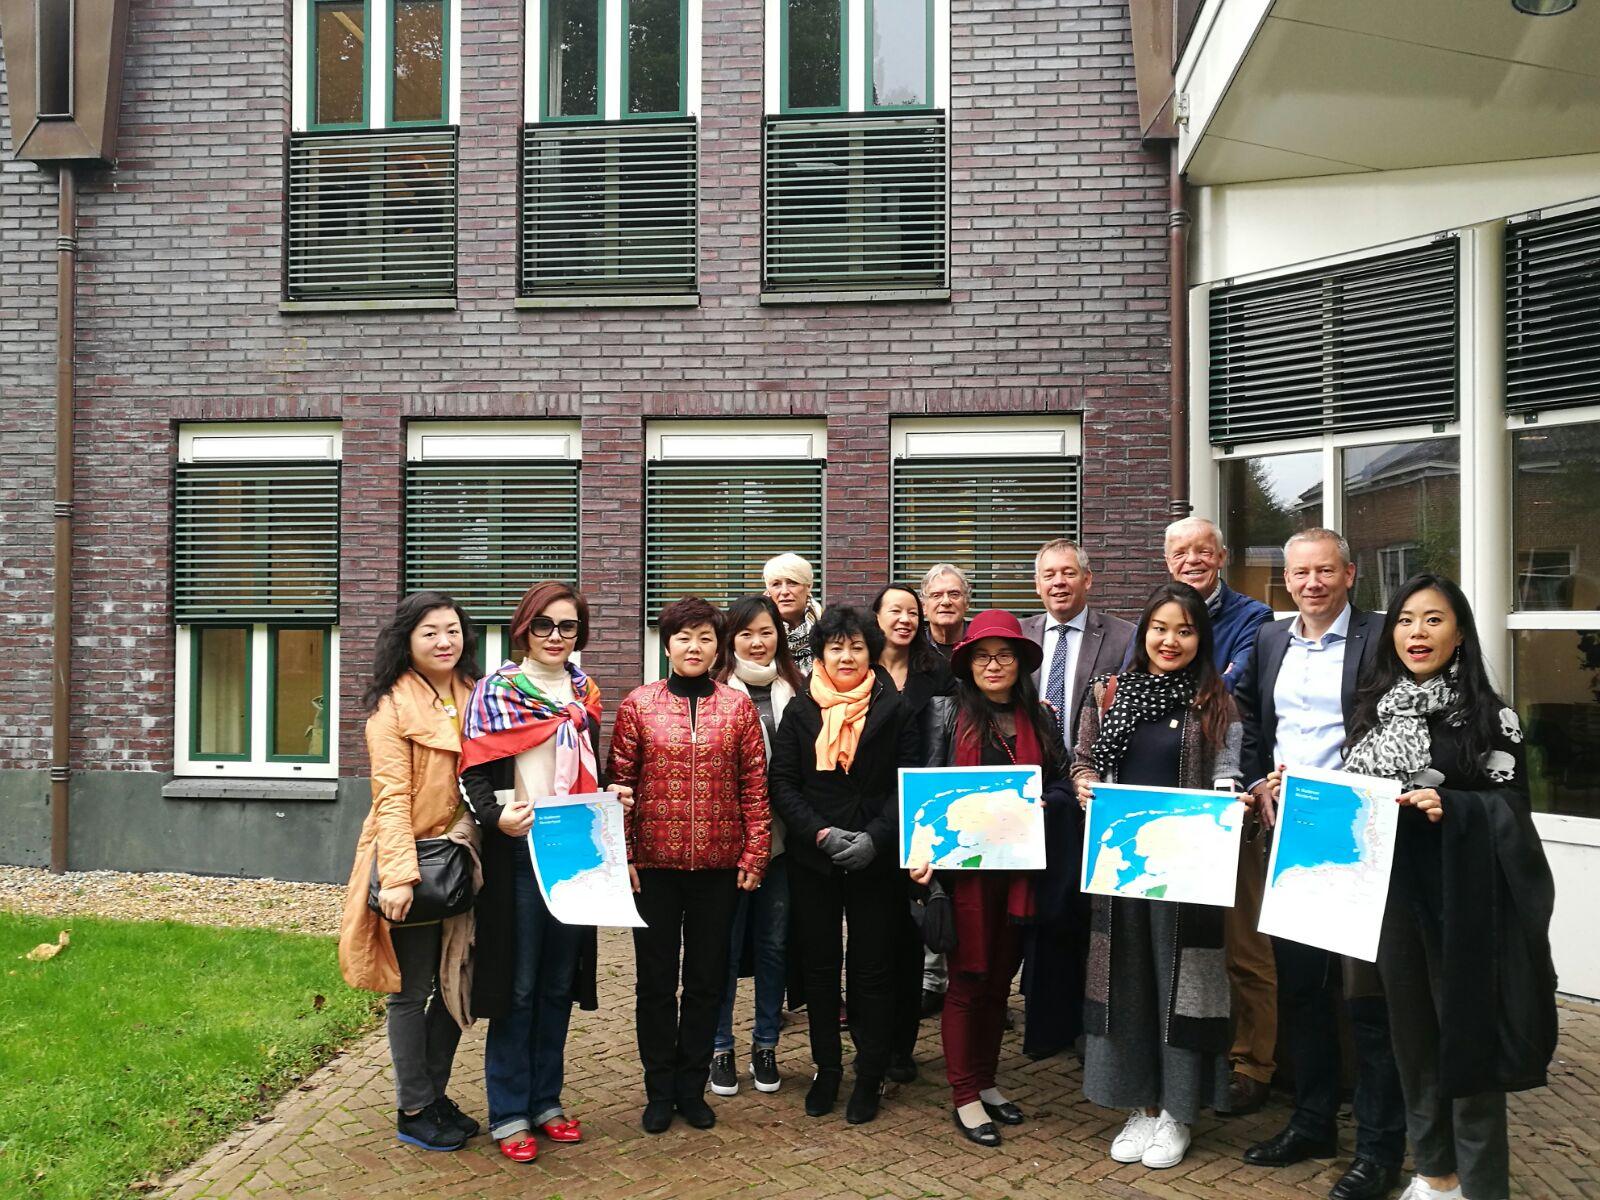 Groepsfoto bij het gemeentehuis op Schiermonnikoog